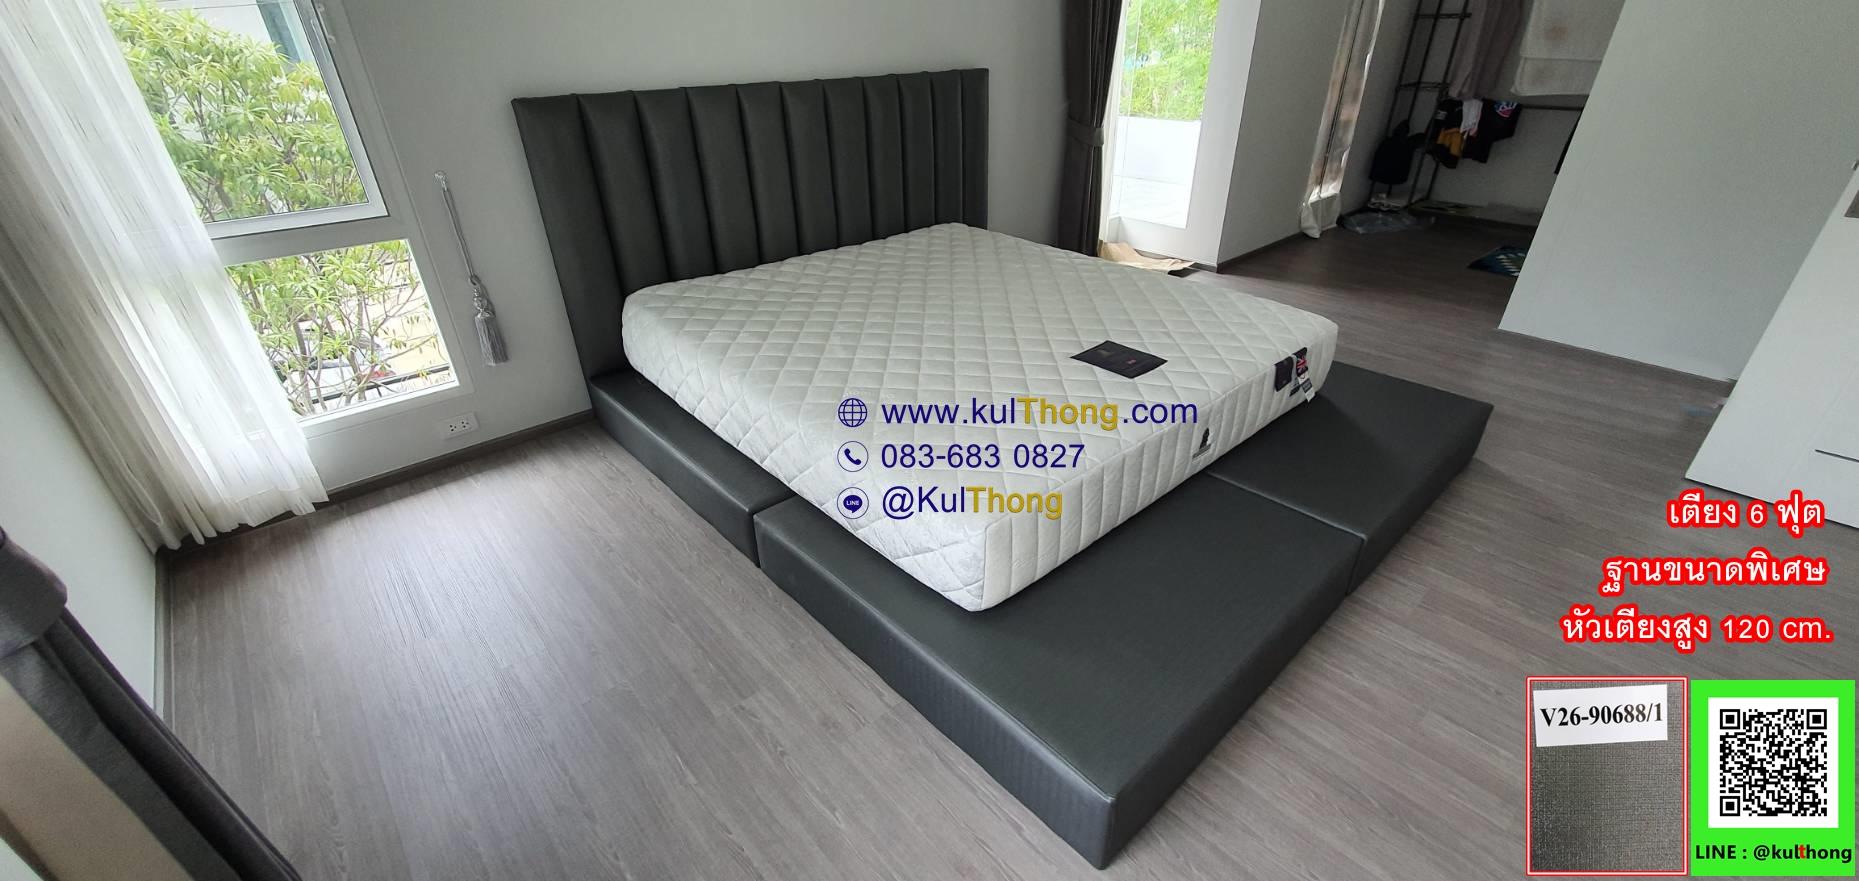 เตียงสั่งผลิต เตียงขนาดใหญ่ เตียงหุ้มหนัง